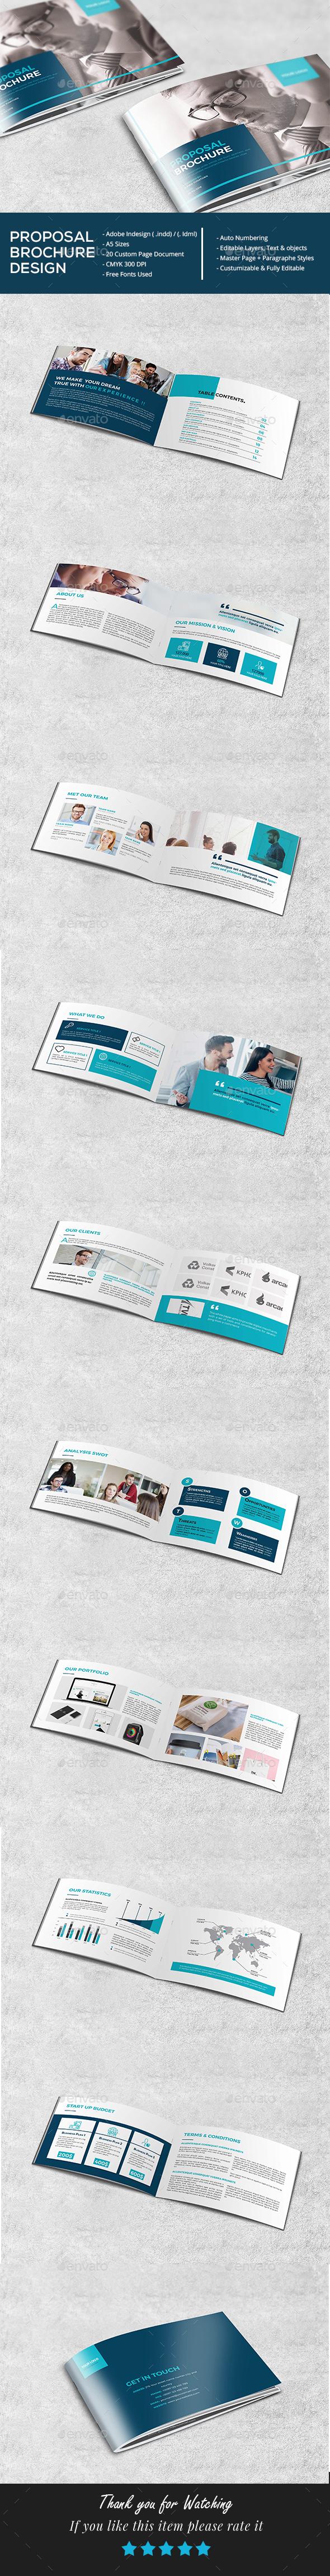 A5 Proposal Brochure - Brochures Print Templates